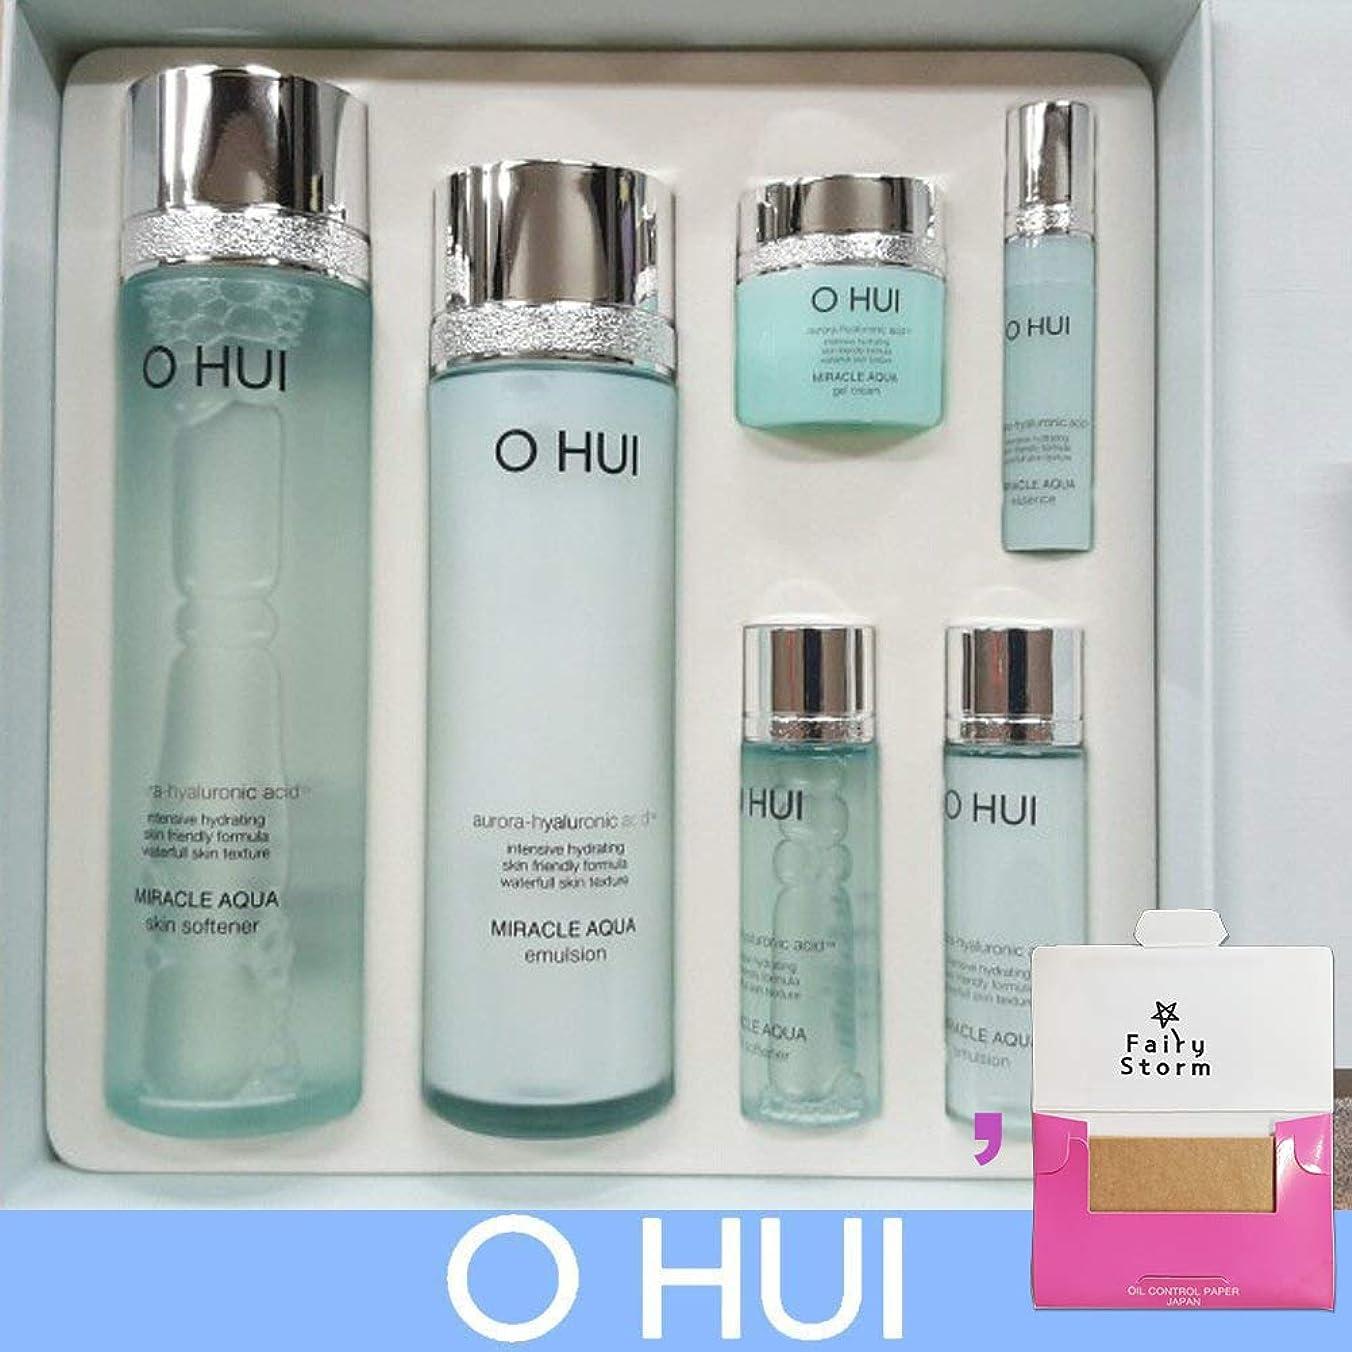 大使館比率飢えた[オフィ/O HUI]韓国化粧品LG生活健康/O HUI MIRACLE AQUA SPECIAL SET/ミラクルアクア2種セット+[Sample Gift](海外直送品)